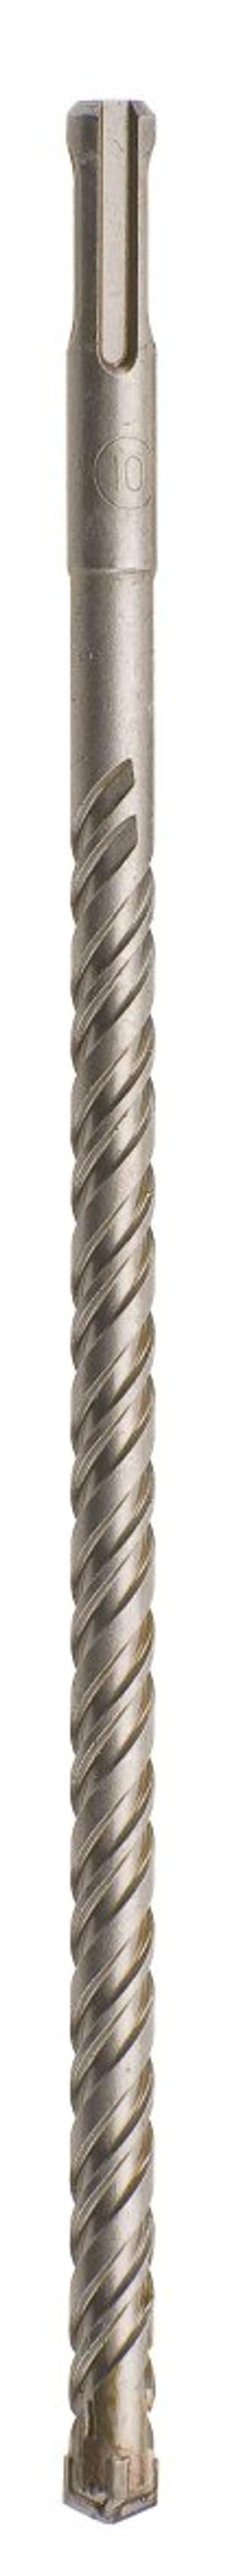 Hammerbohrer, 450/400 mm, ø 16 mm